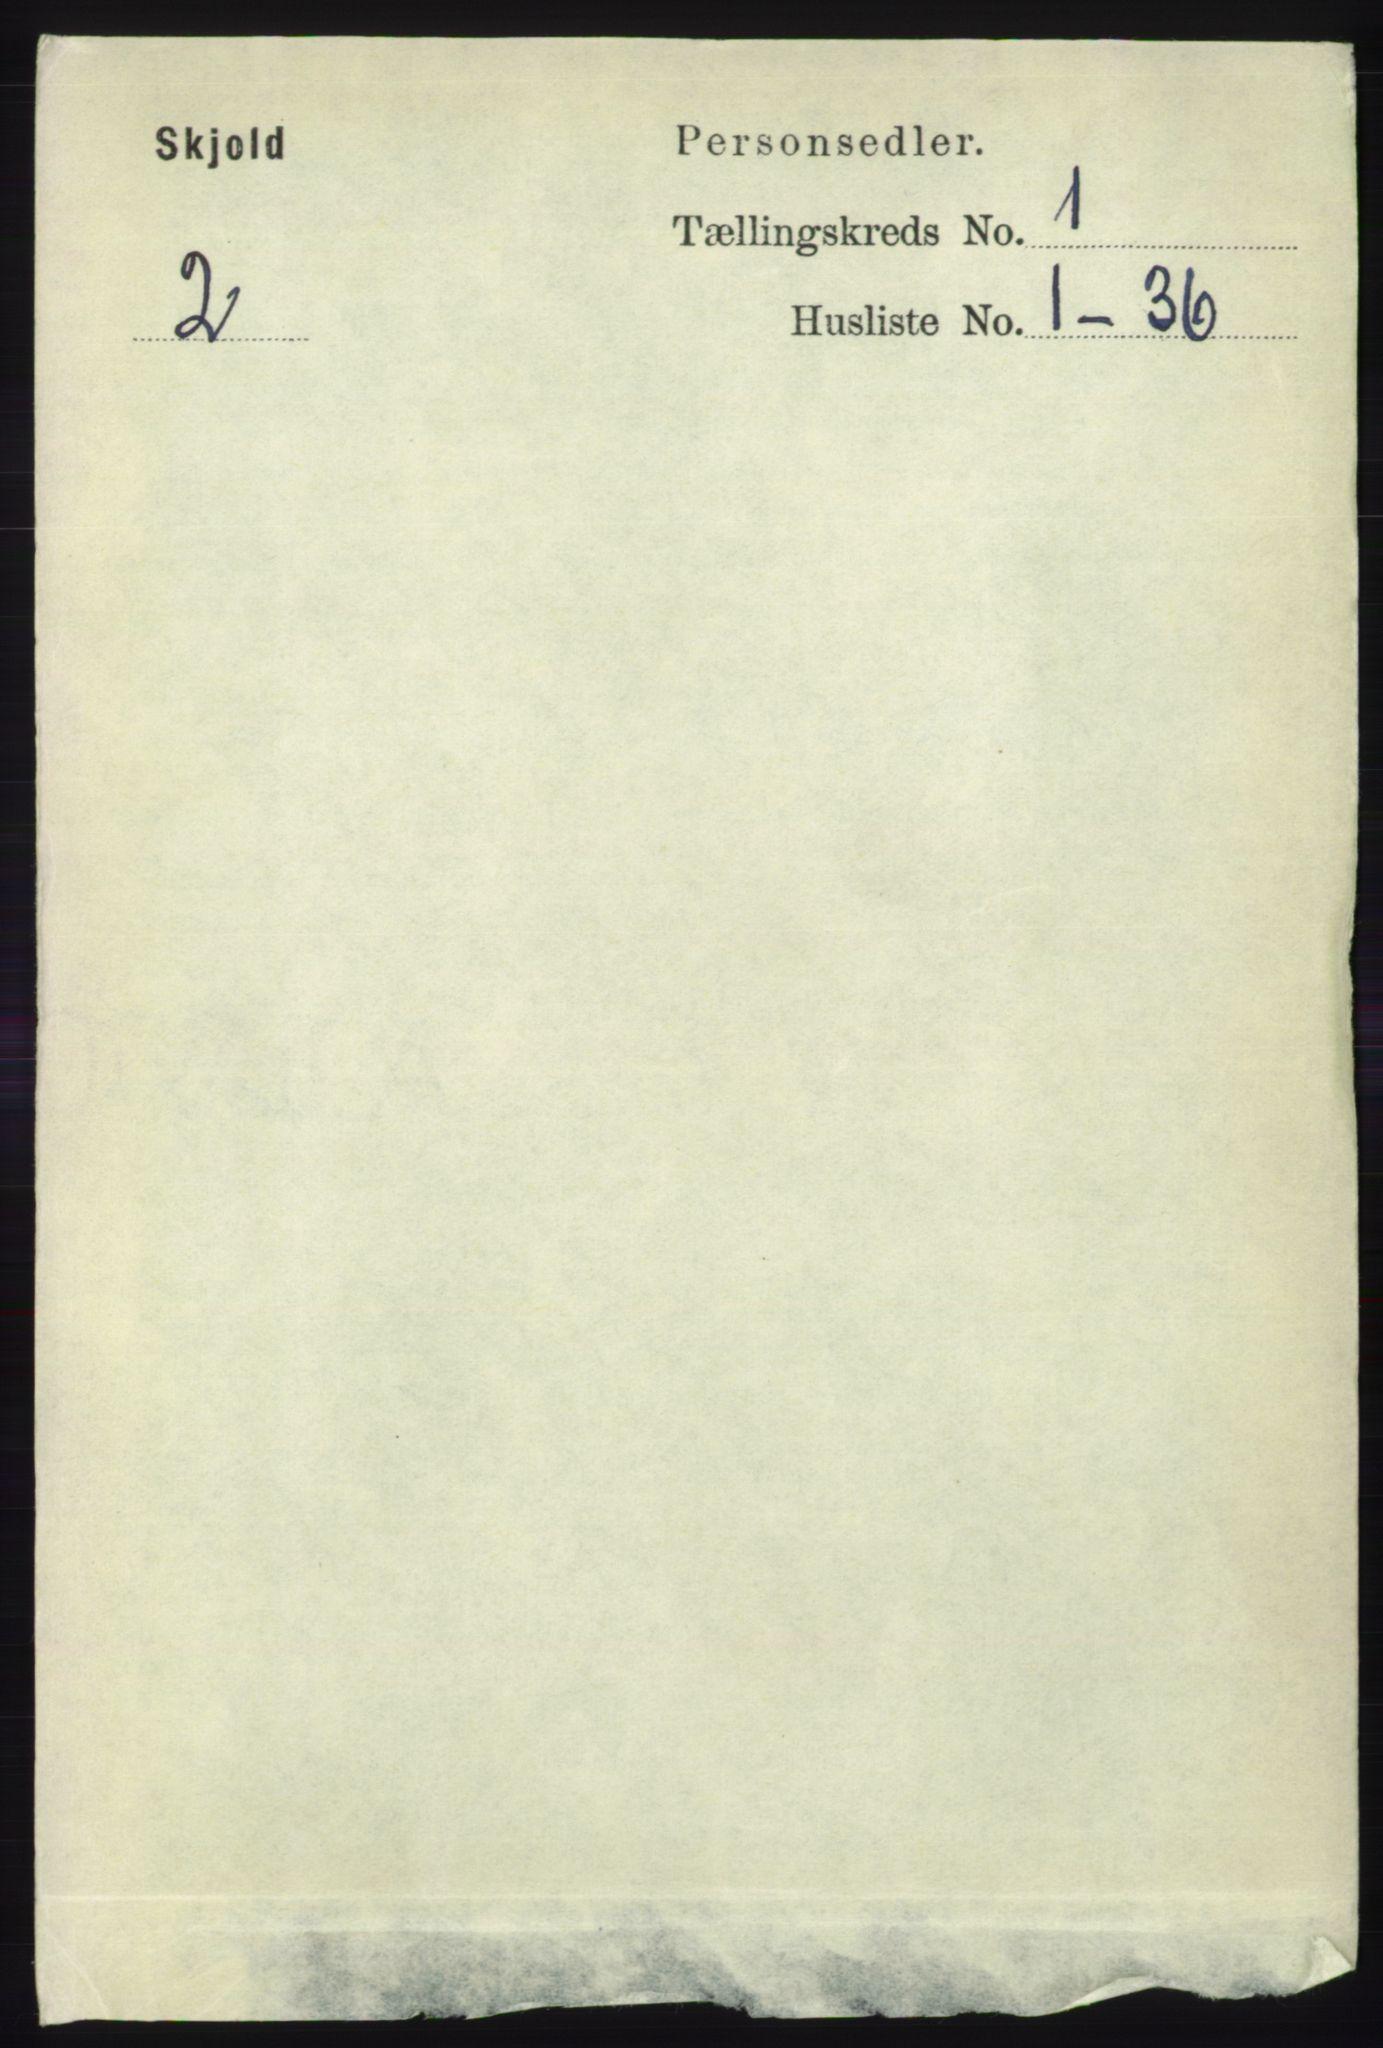 RA, Folketelling 1891 for 1154 Skjold herred, 1891, s. 72